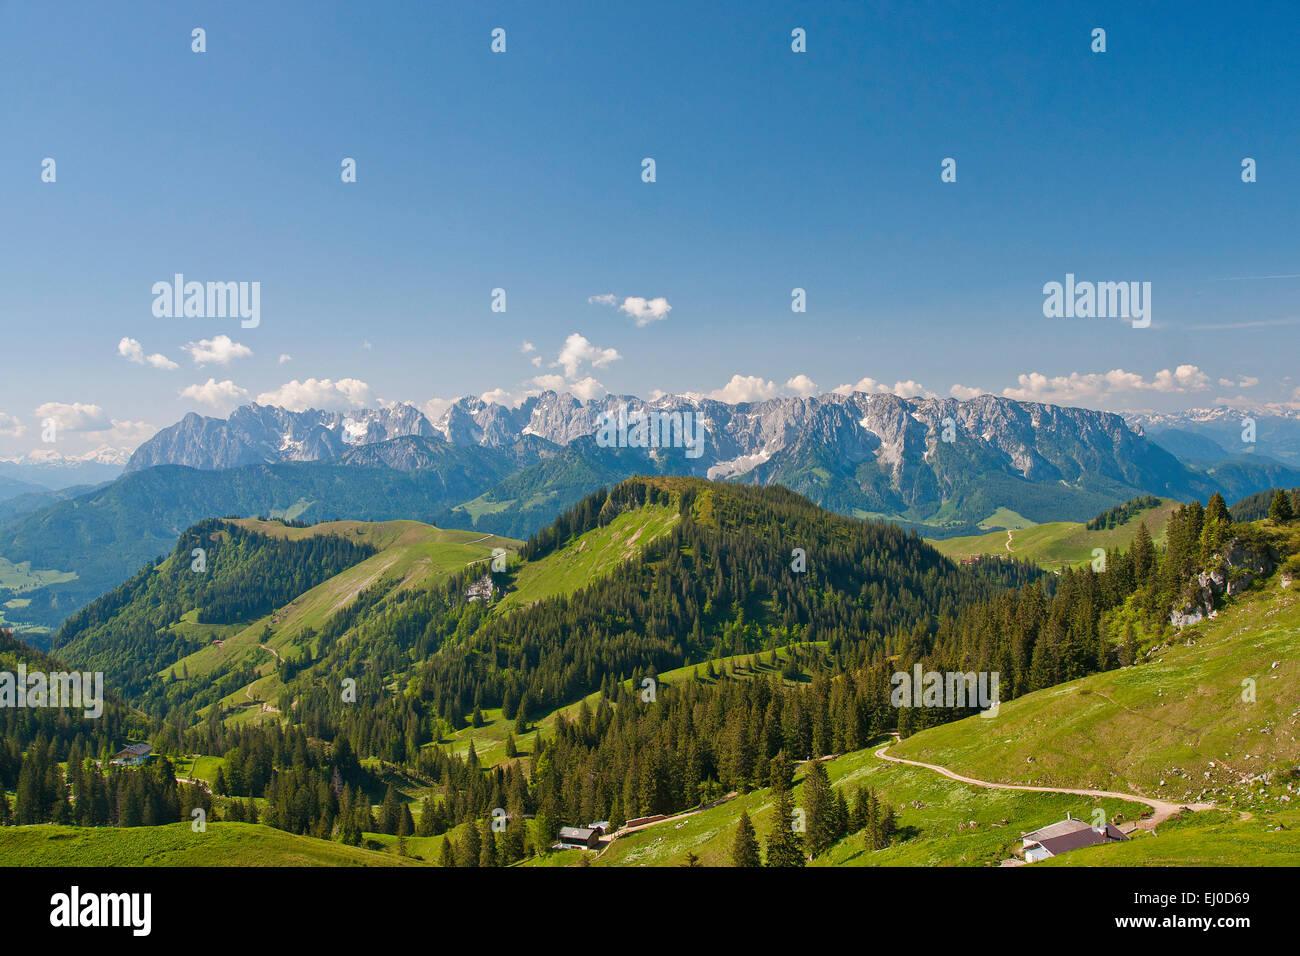 Bavaria, Europe, Germany, Upper Bavaria, Chiemgau, Aschau, Priental, Prien, Sachrang, Geigelstein, Wilder Kaiser, Stock Photo